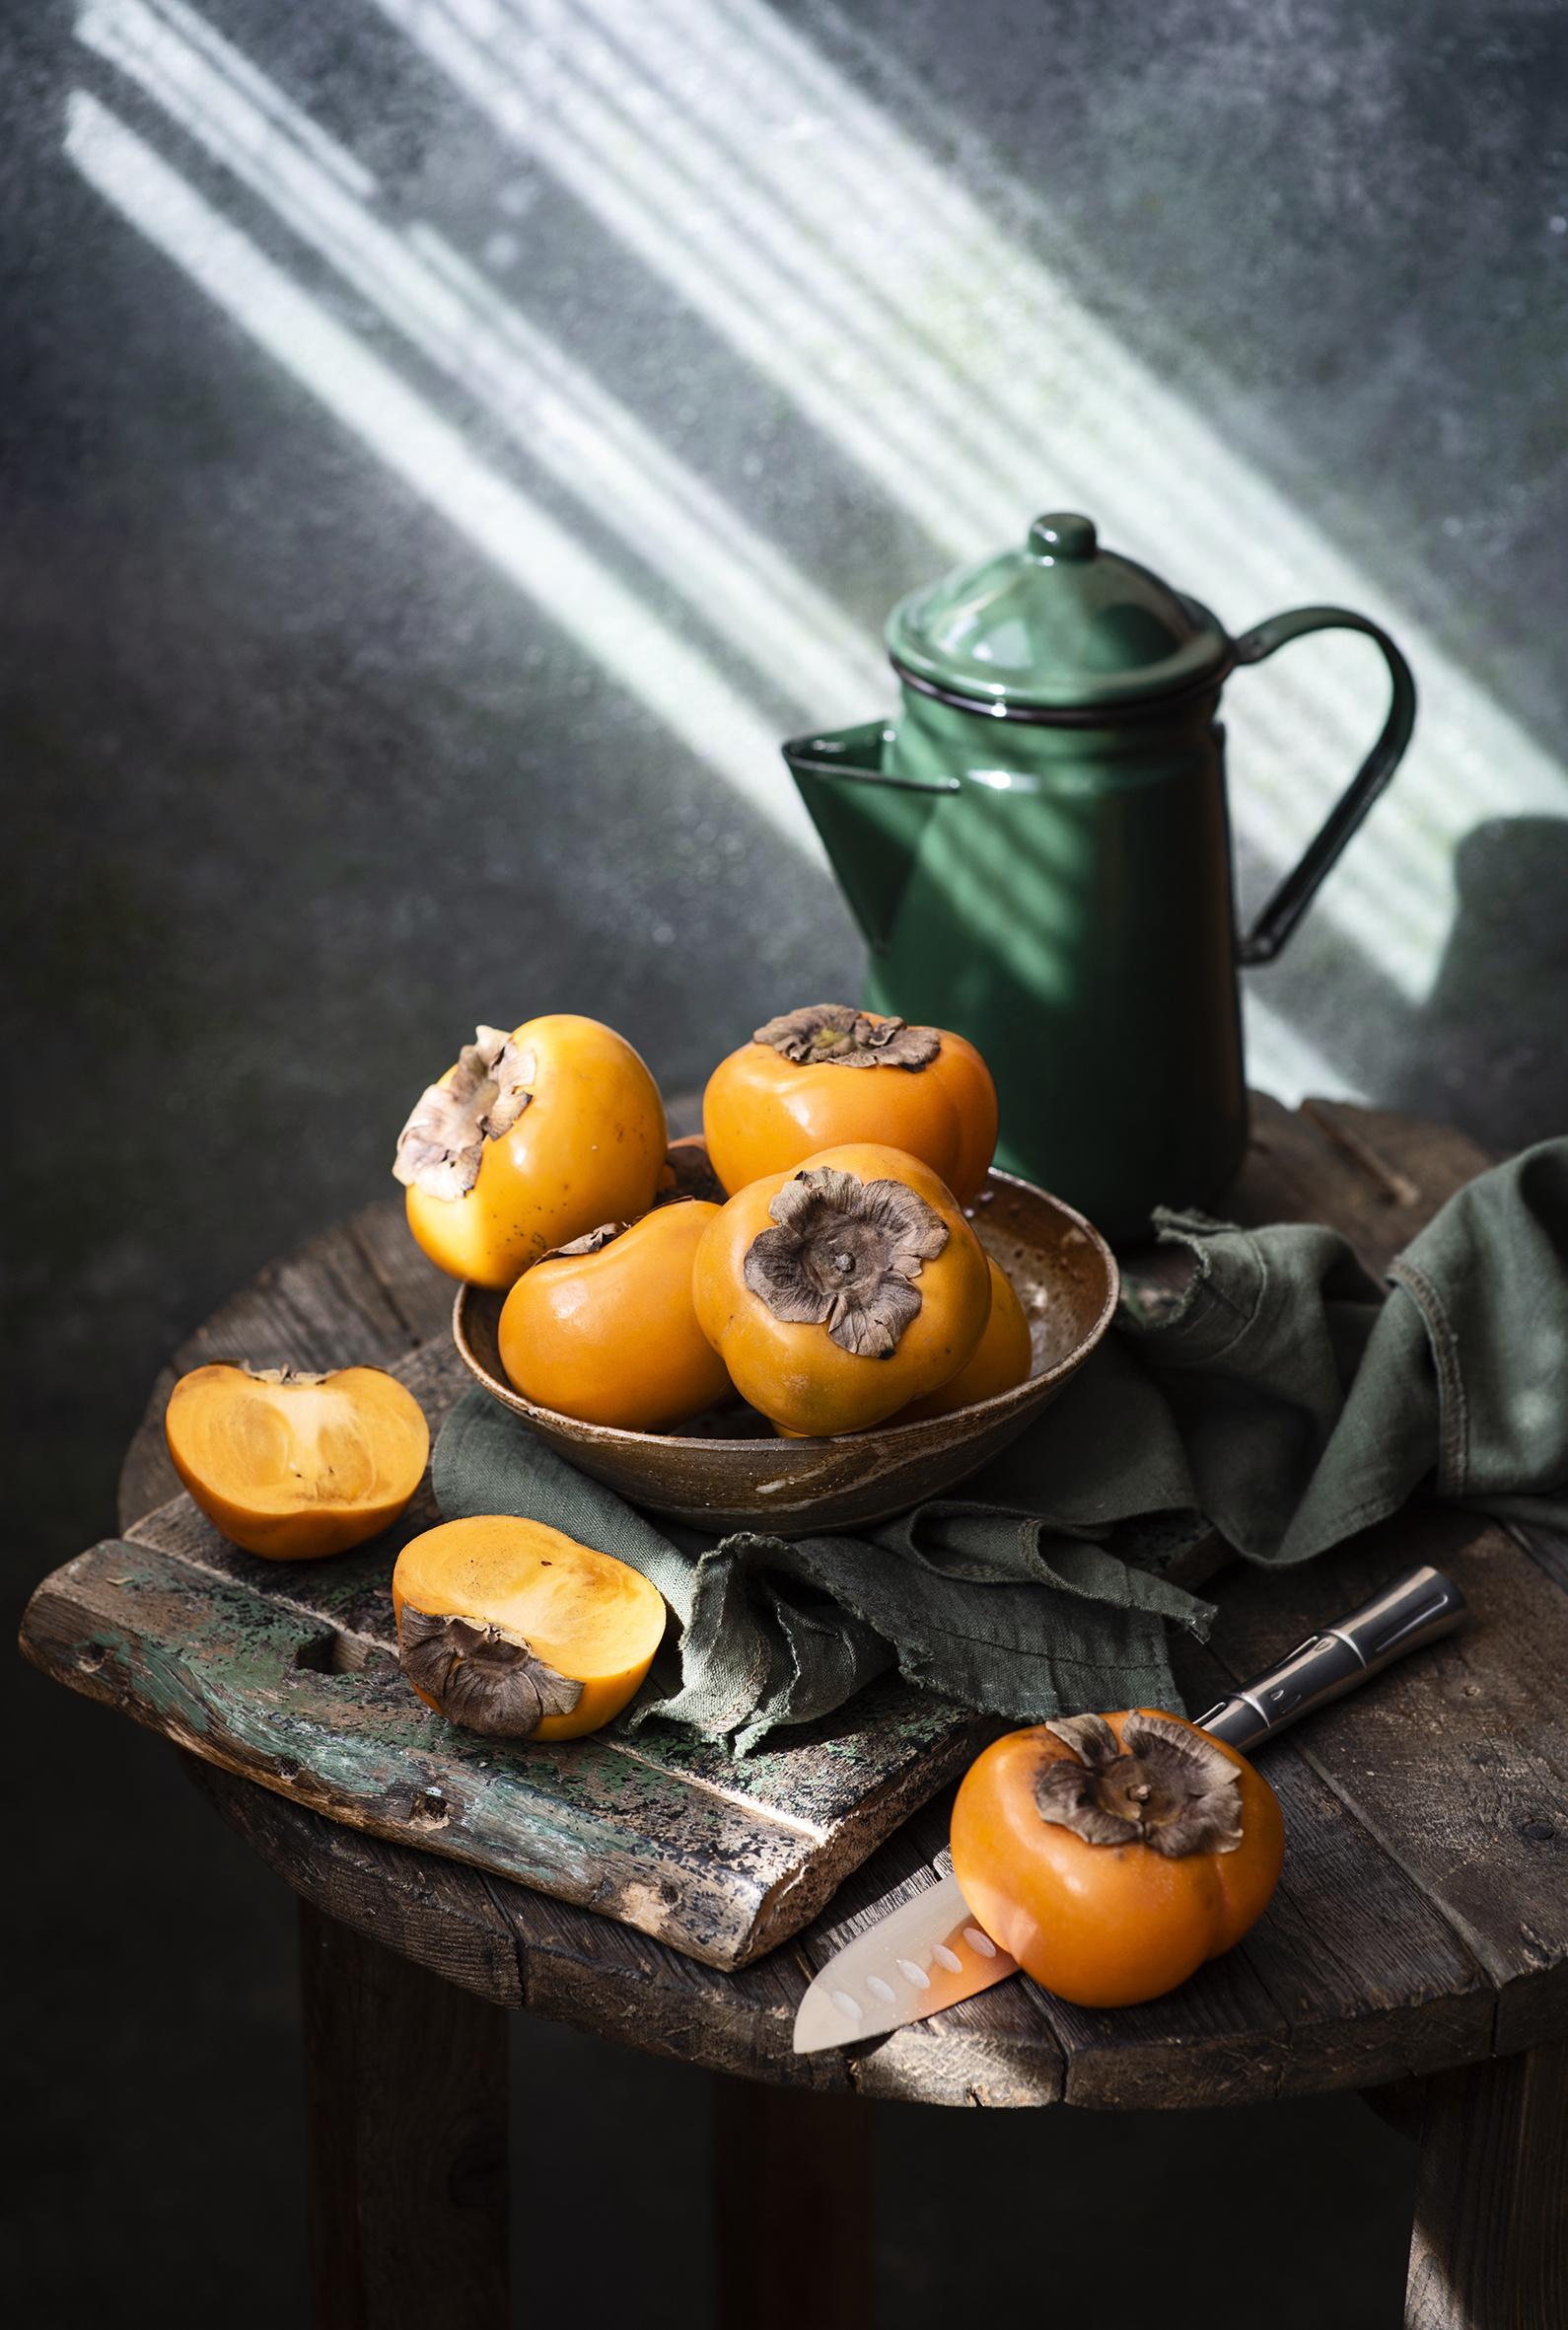 Desktop Hintergrundbilder Kaki kannen das Essen Bretter  für Handy Kanne krüge Lebensmittel